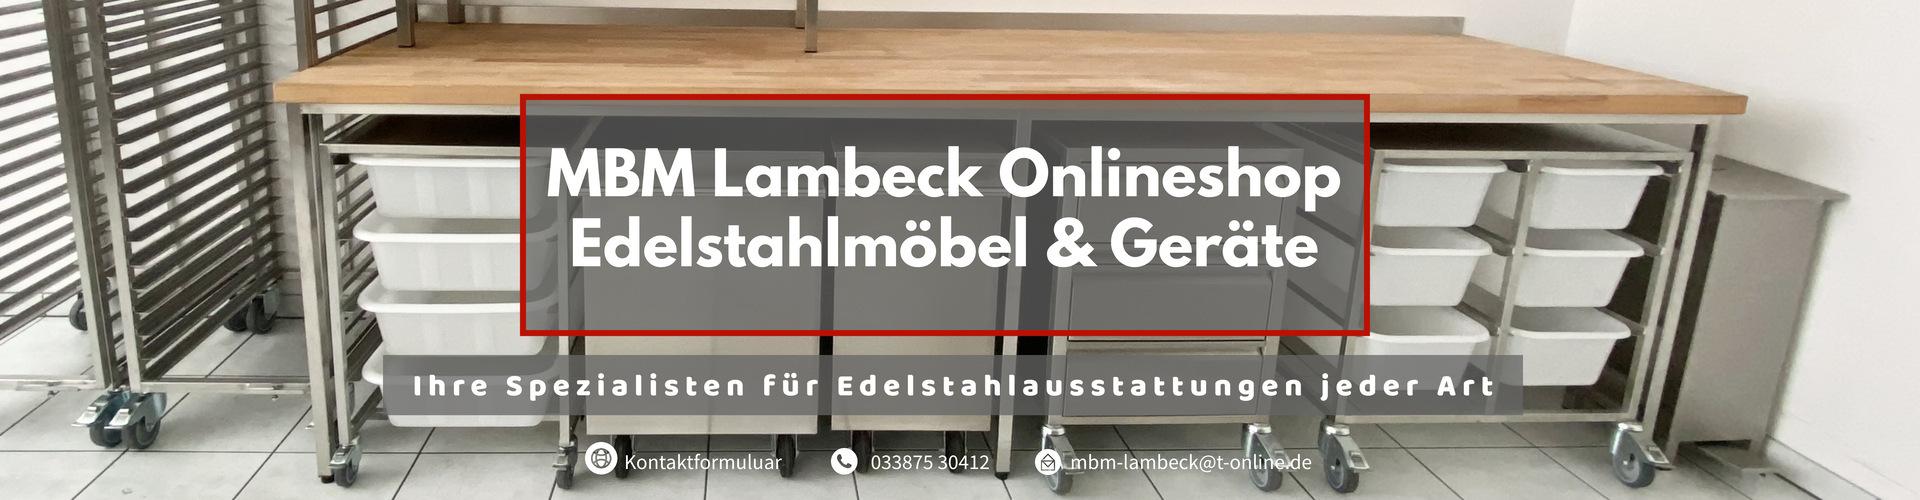 MBM Lambeck Kontaktformular